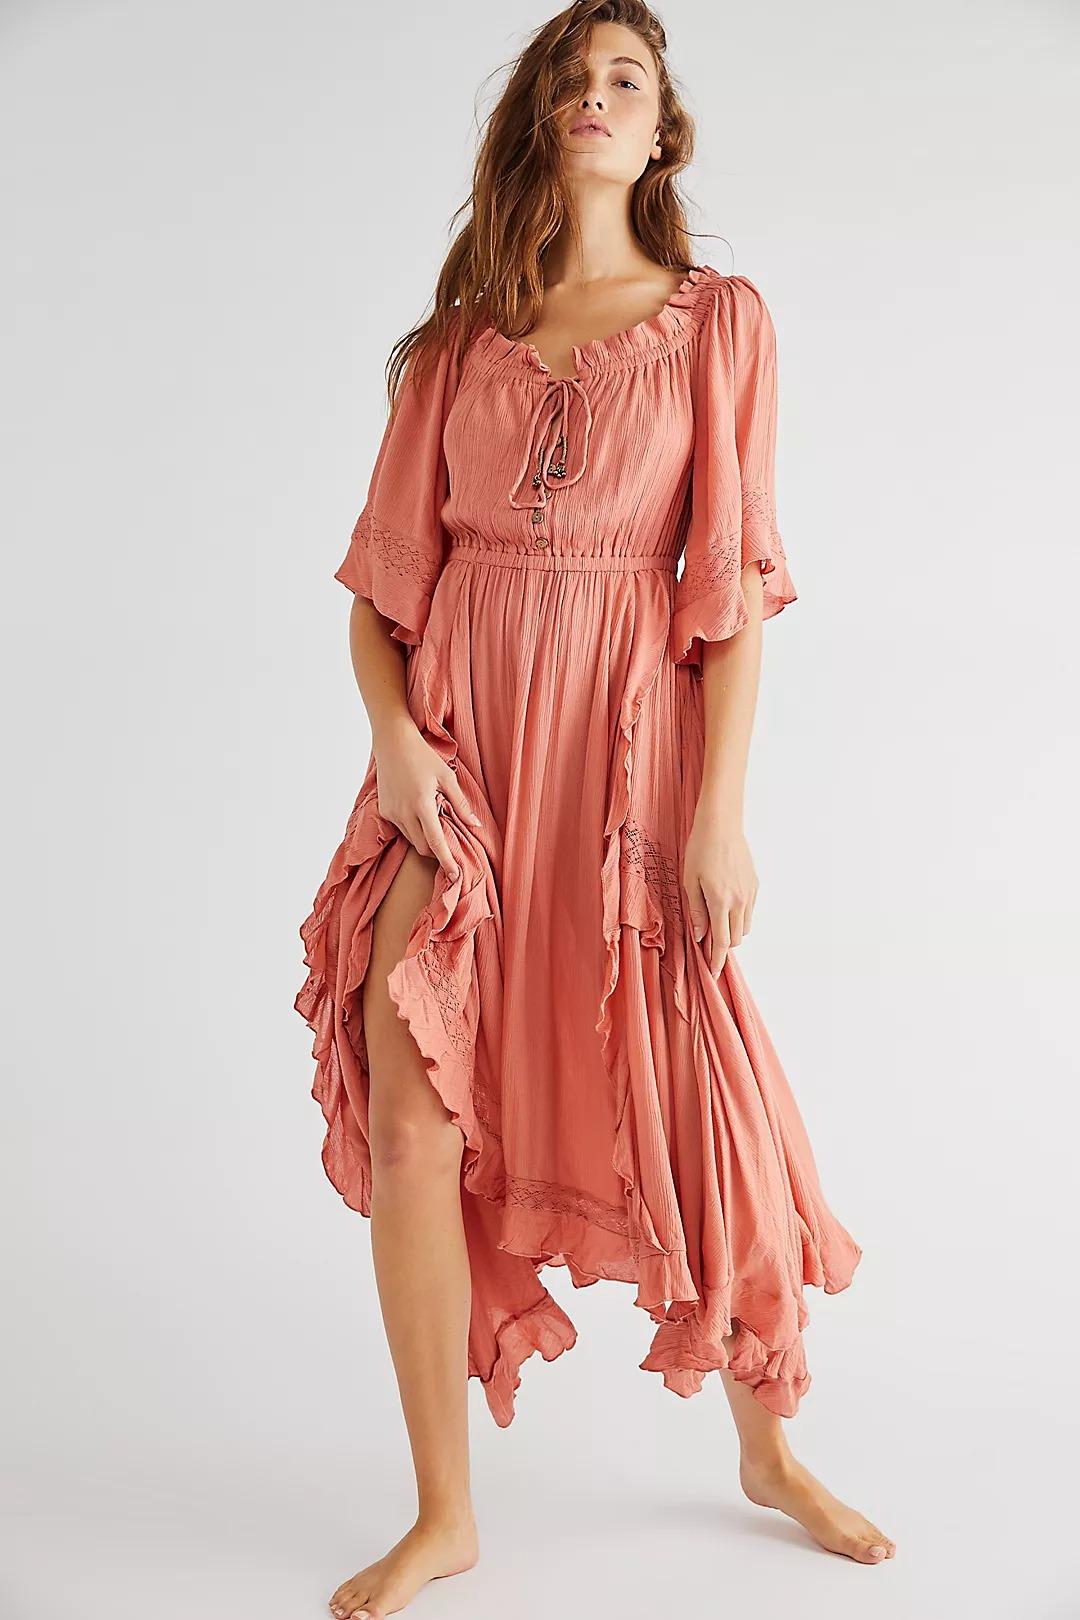 Pink flowy boho dress